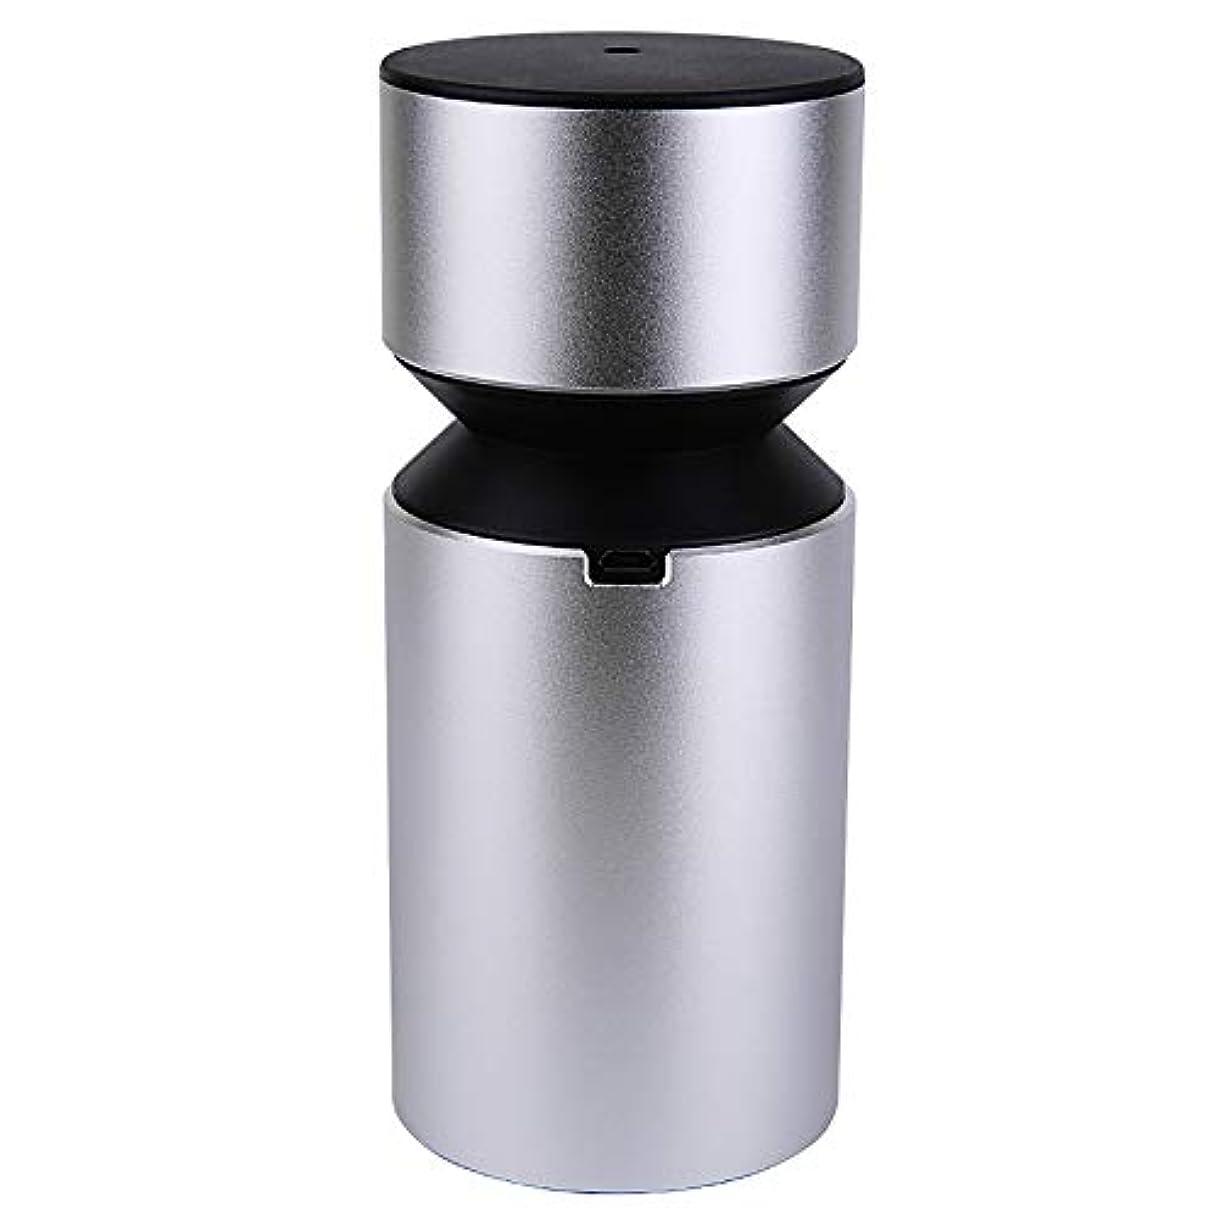 秘密の銛種類アロマディフューザー 車載用 ネブライザー式 充電式 静音 精油瓶1個スポイト付きT11-ENS068N (シルバー)